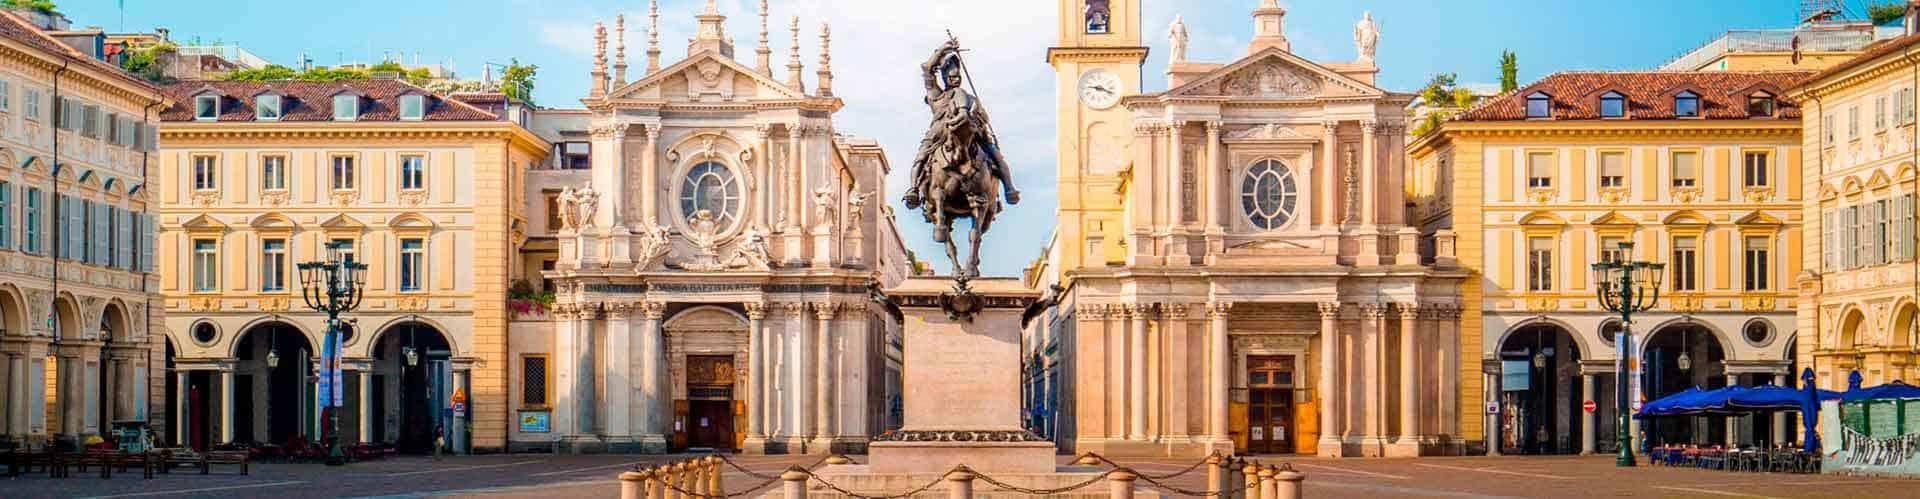 Free Tour Turín - Turismo Italia